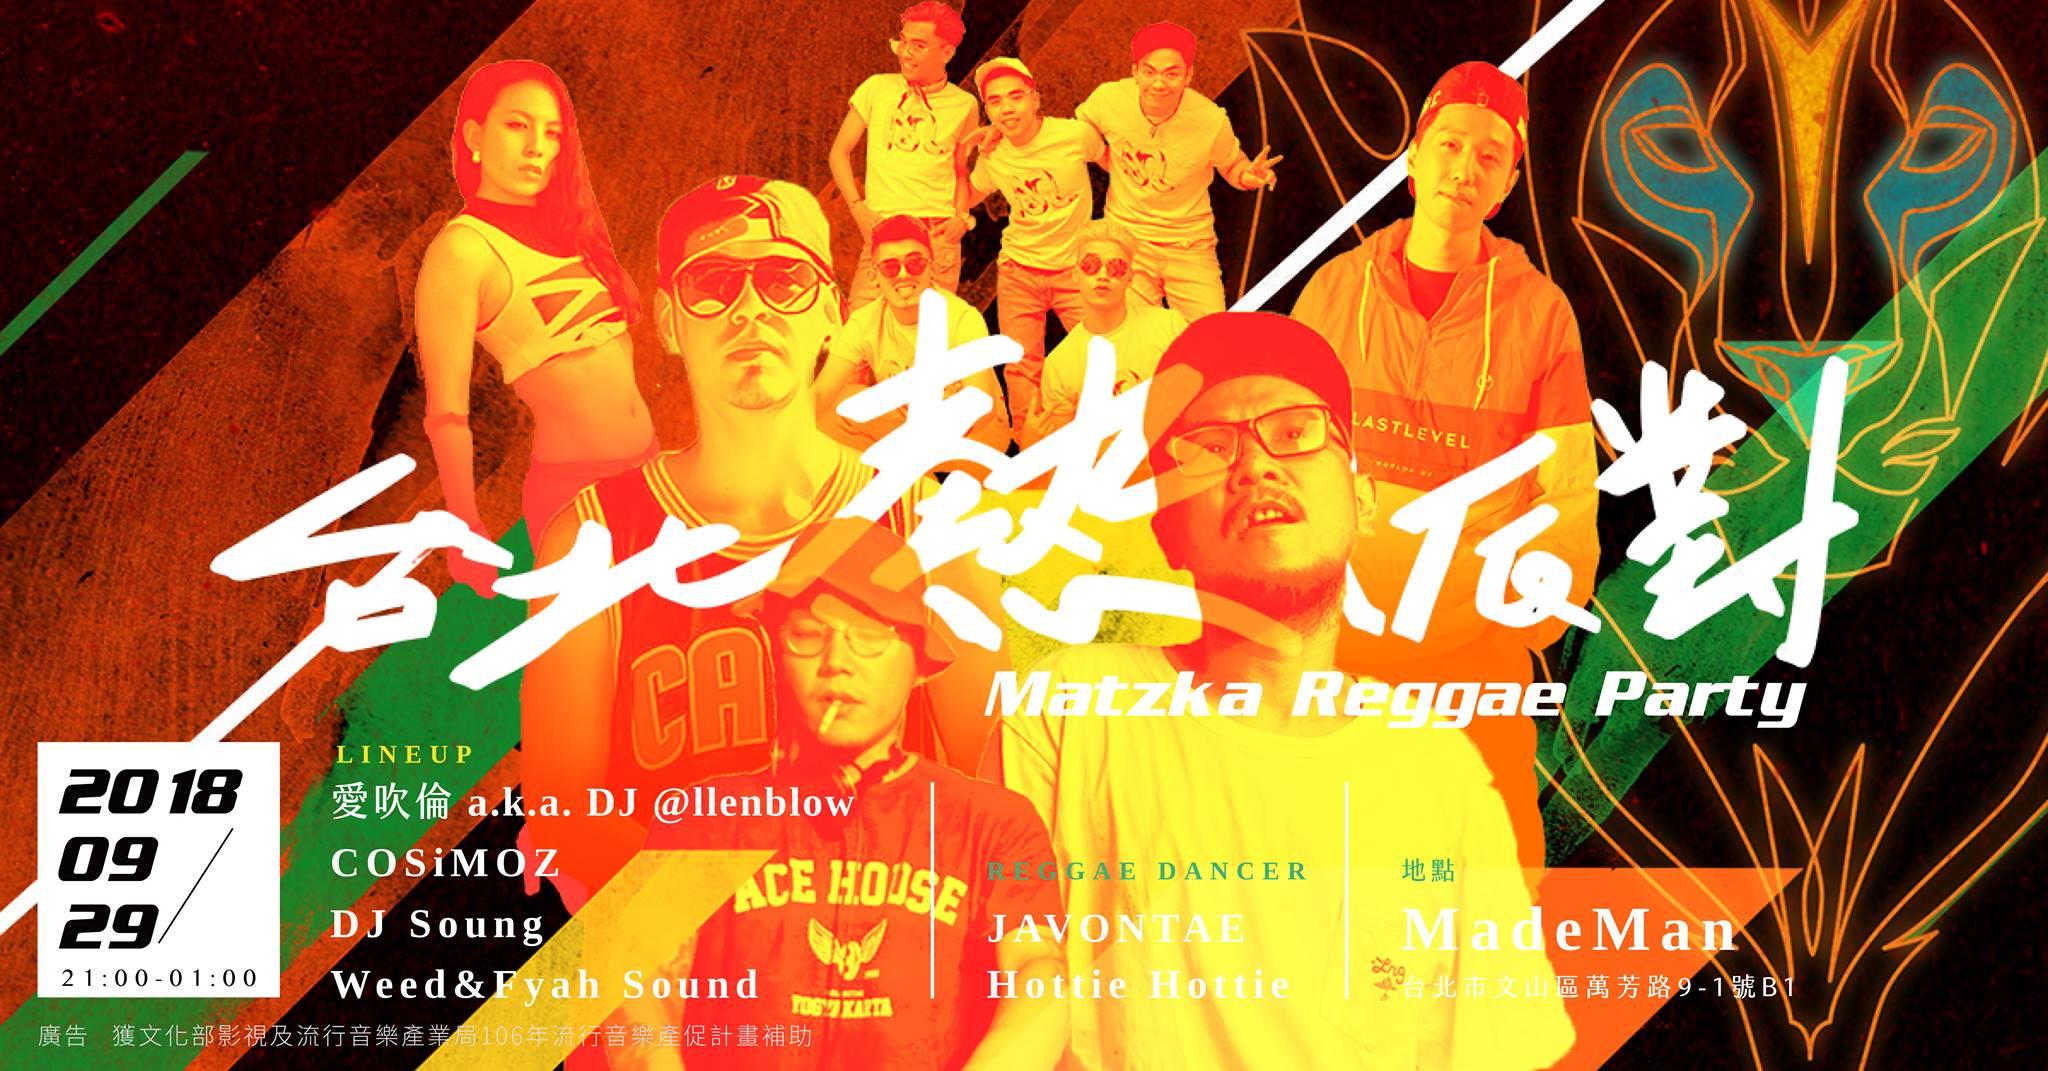 台北熱派對 Matzka Reggae Party